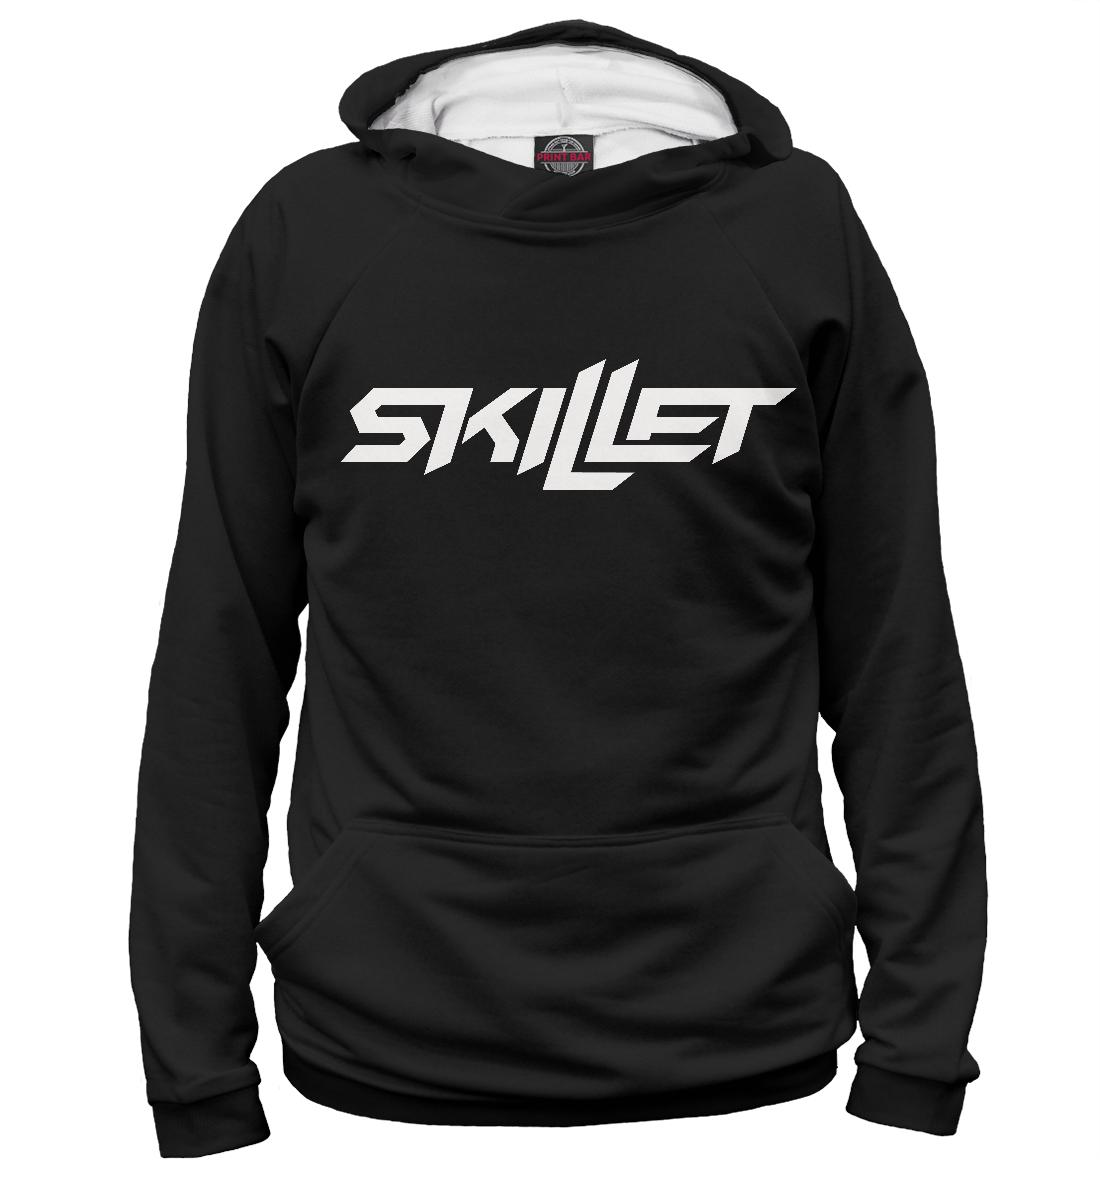 Купить Skillet, Printbar, Худи, MZK-668960-hud-1